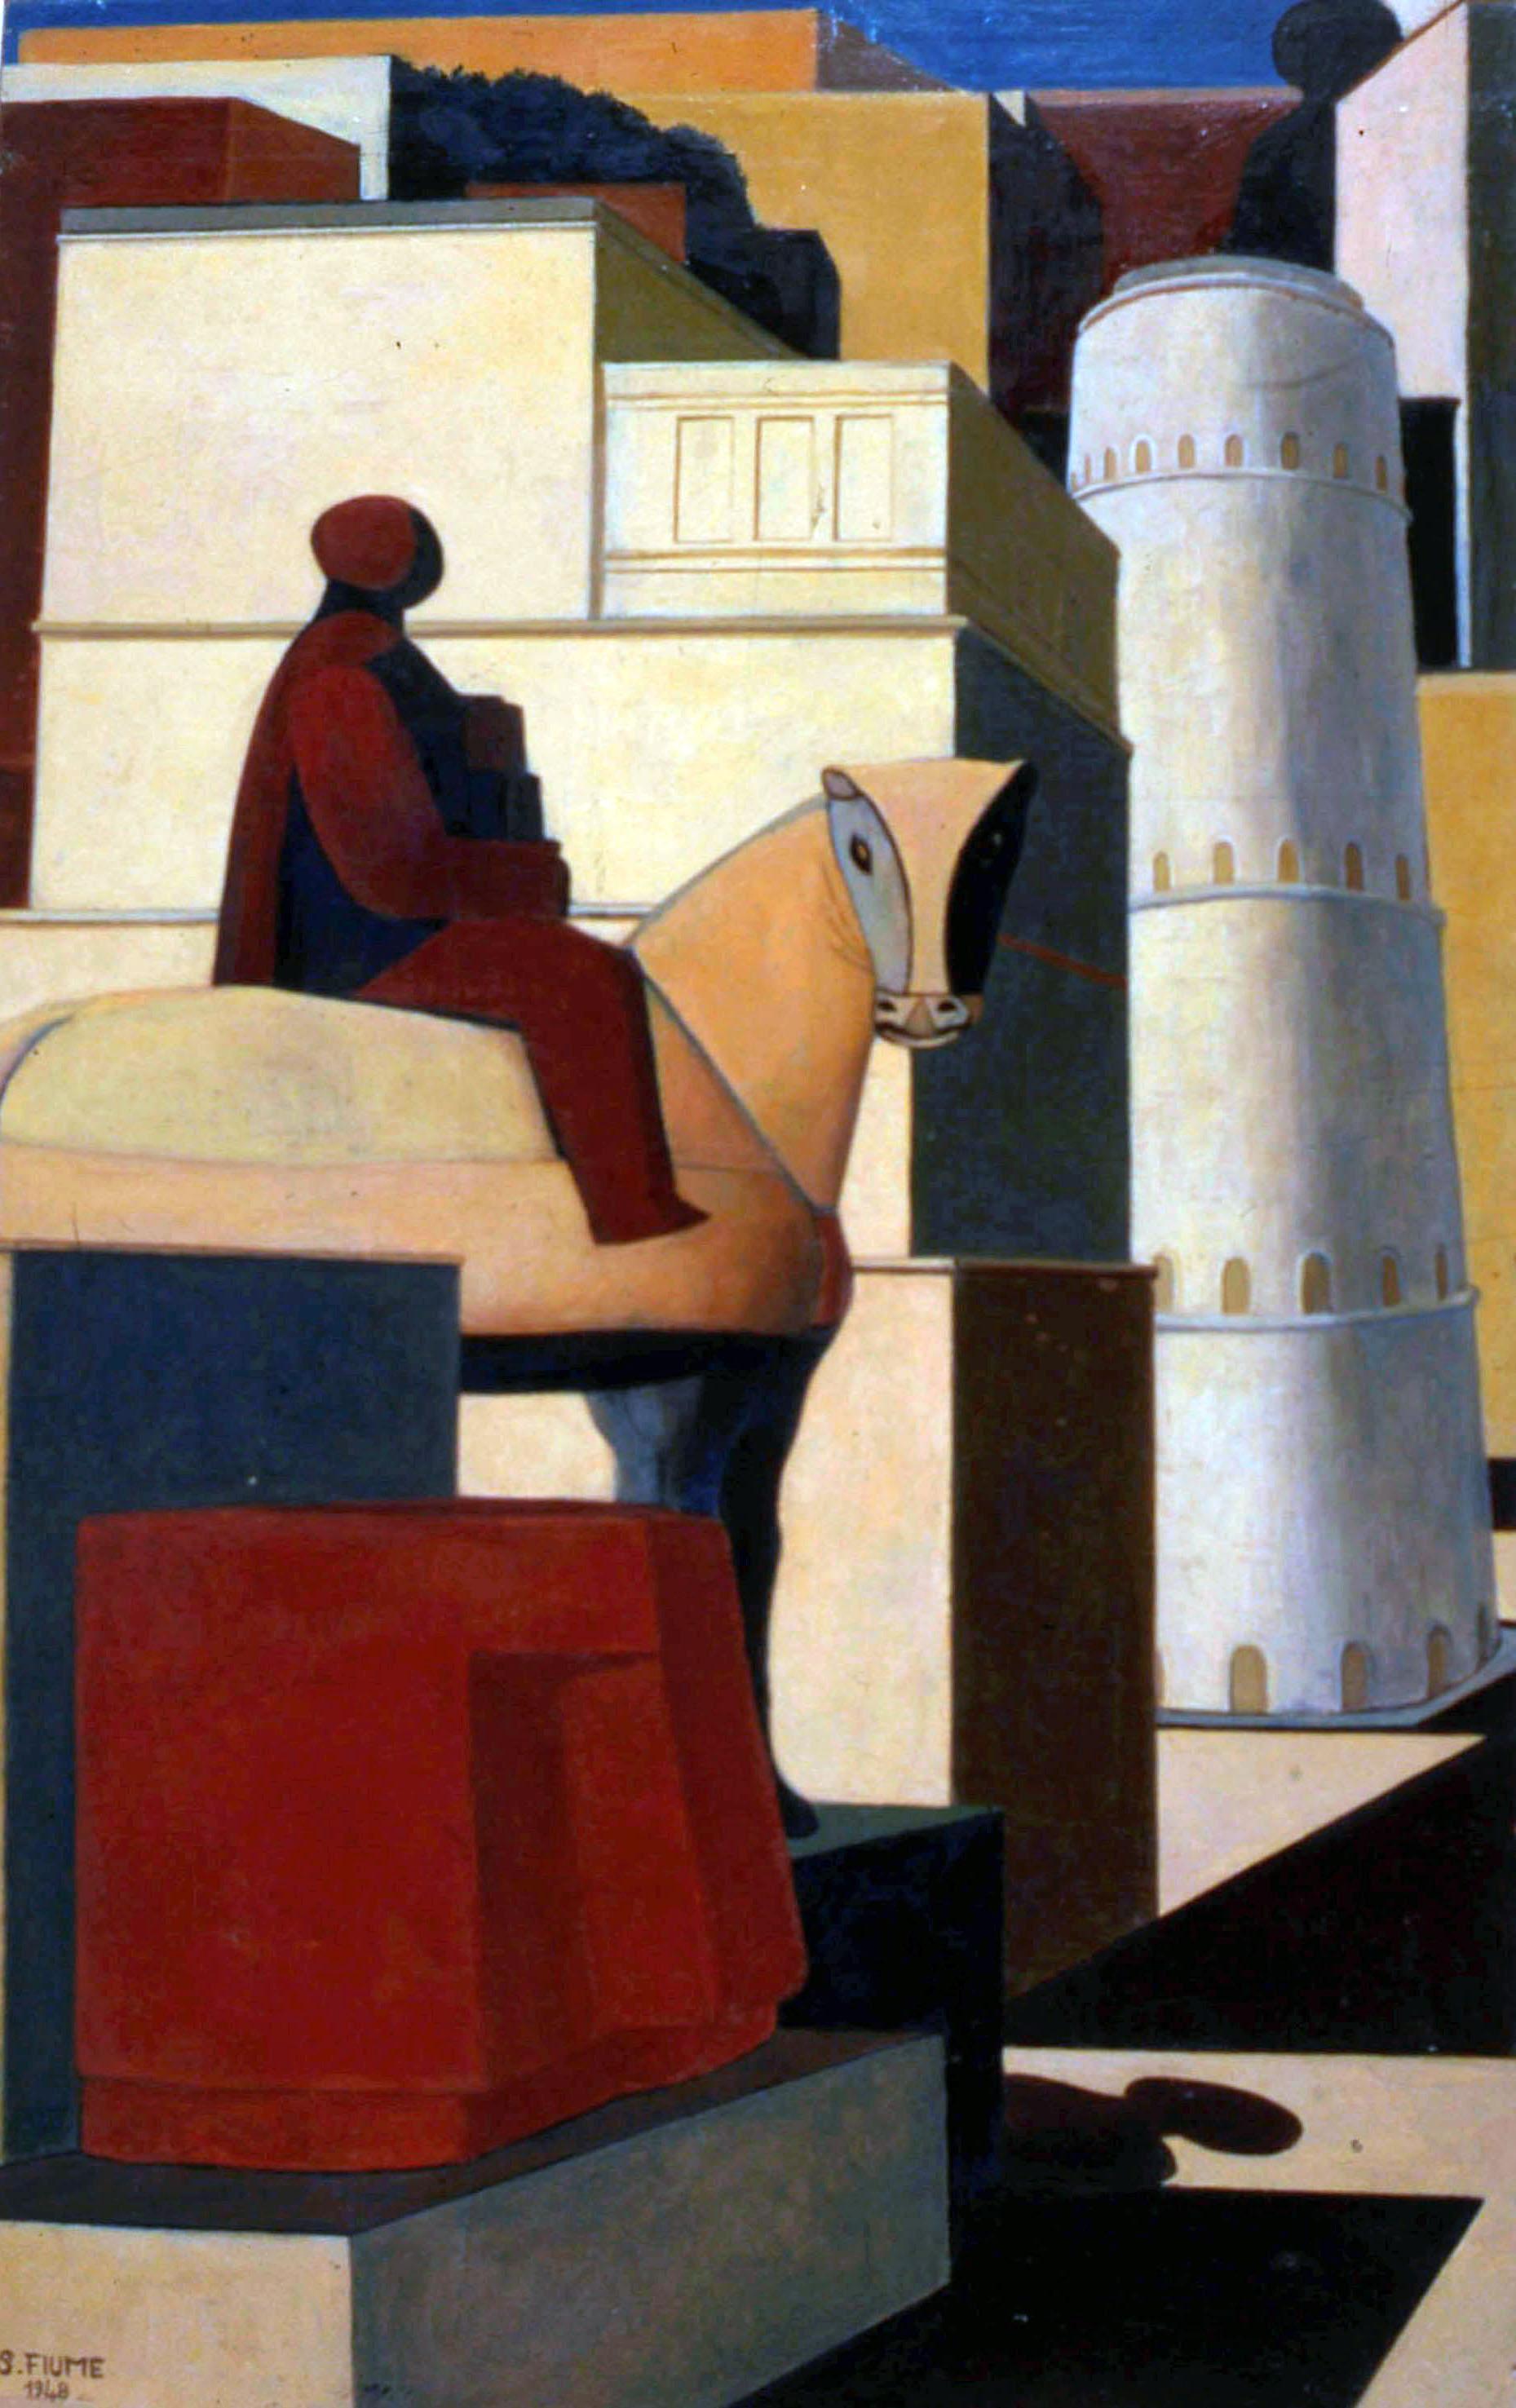 LE IDENTITÀ DI SALVATORE FIUME, Salvatore Fiume, Via Dino Buzzati, 1948, olio su tela, cm 76x48, Milano arte